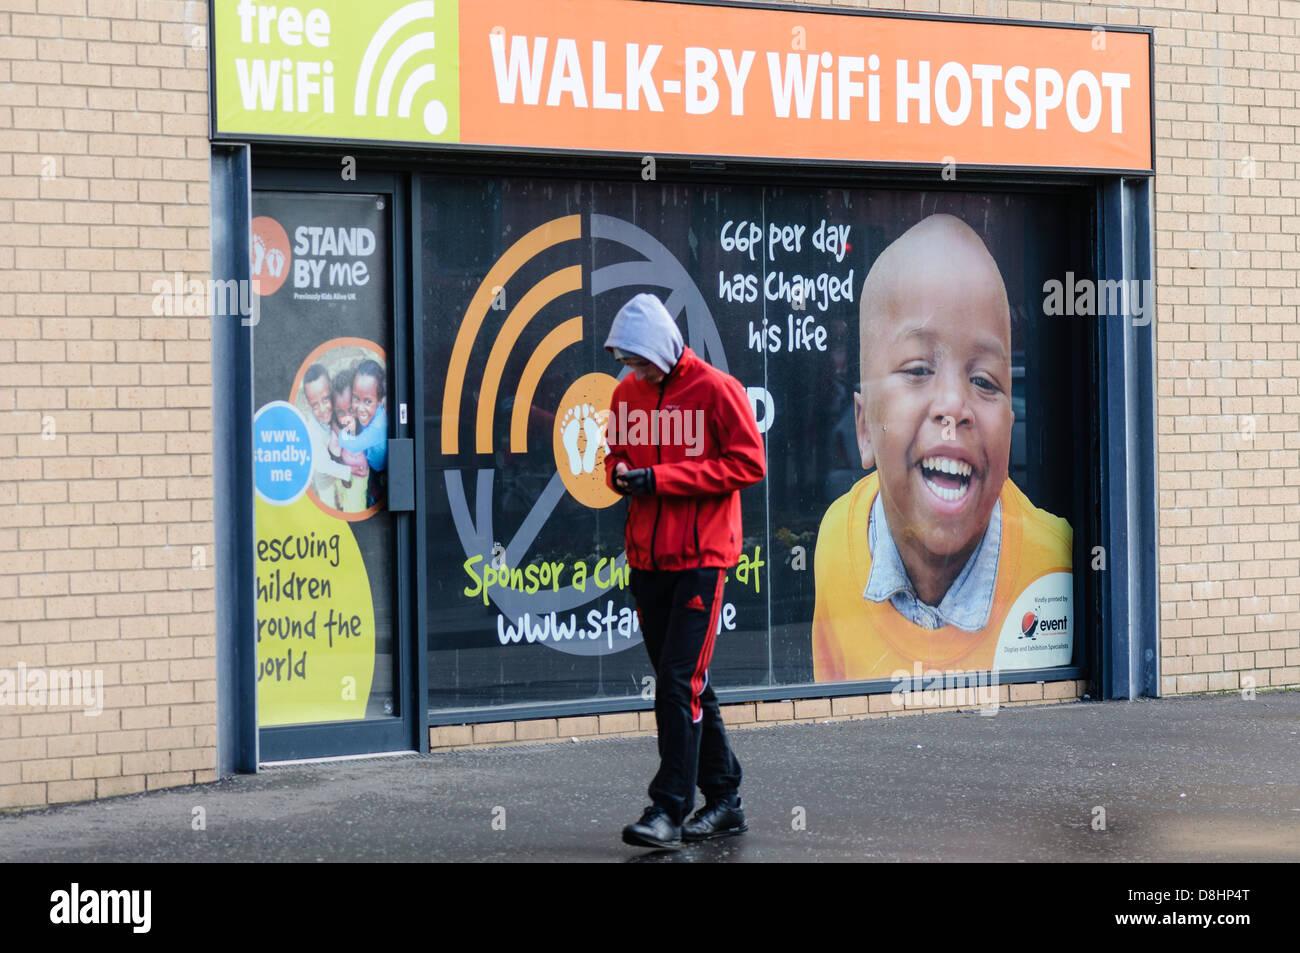 Adolescent marche dernières une par hotspot Wifi tout en utilisant son smartphone Photo Stock